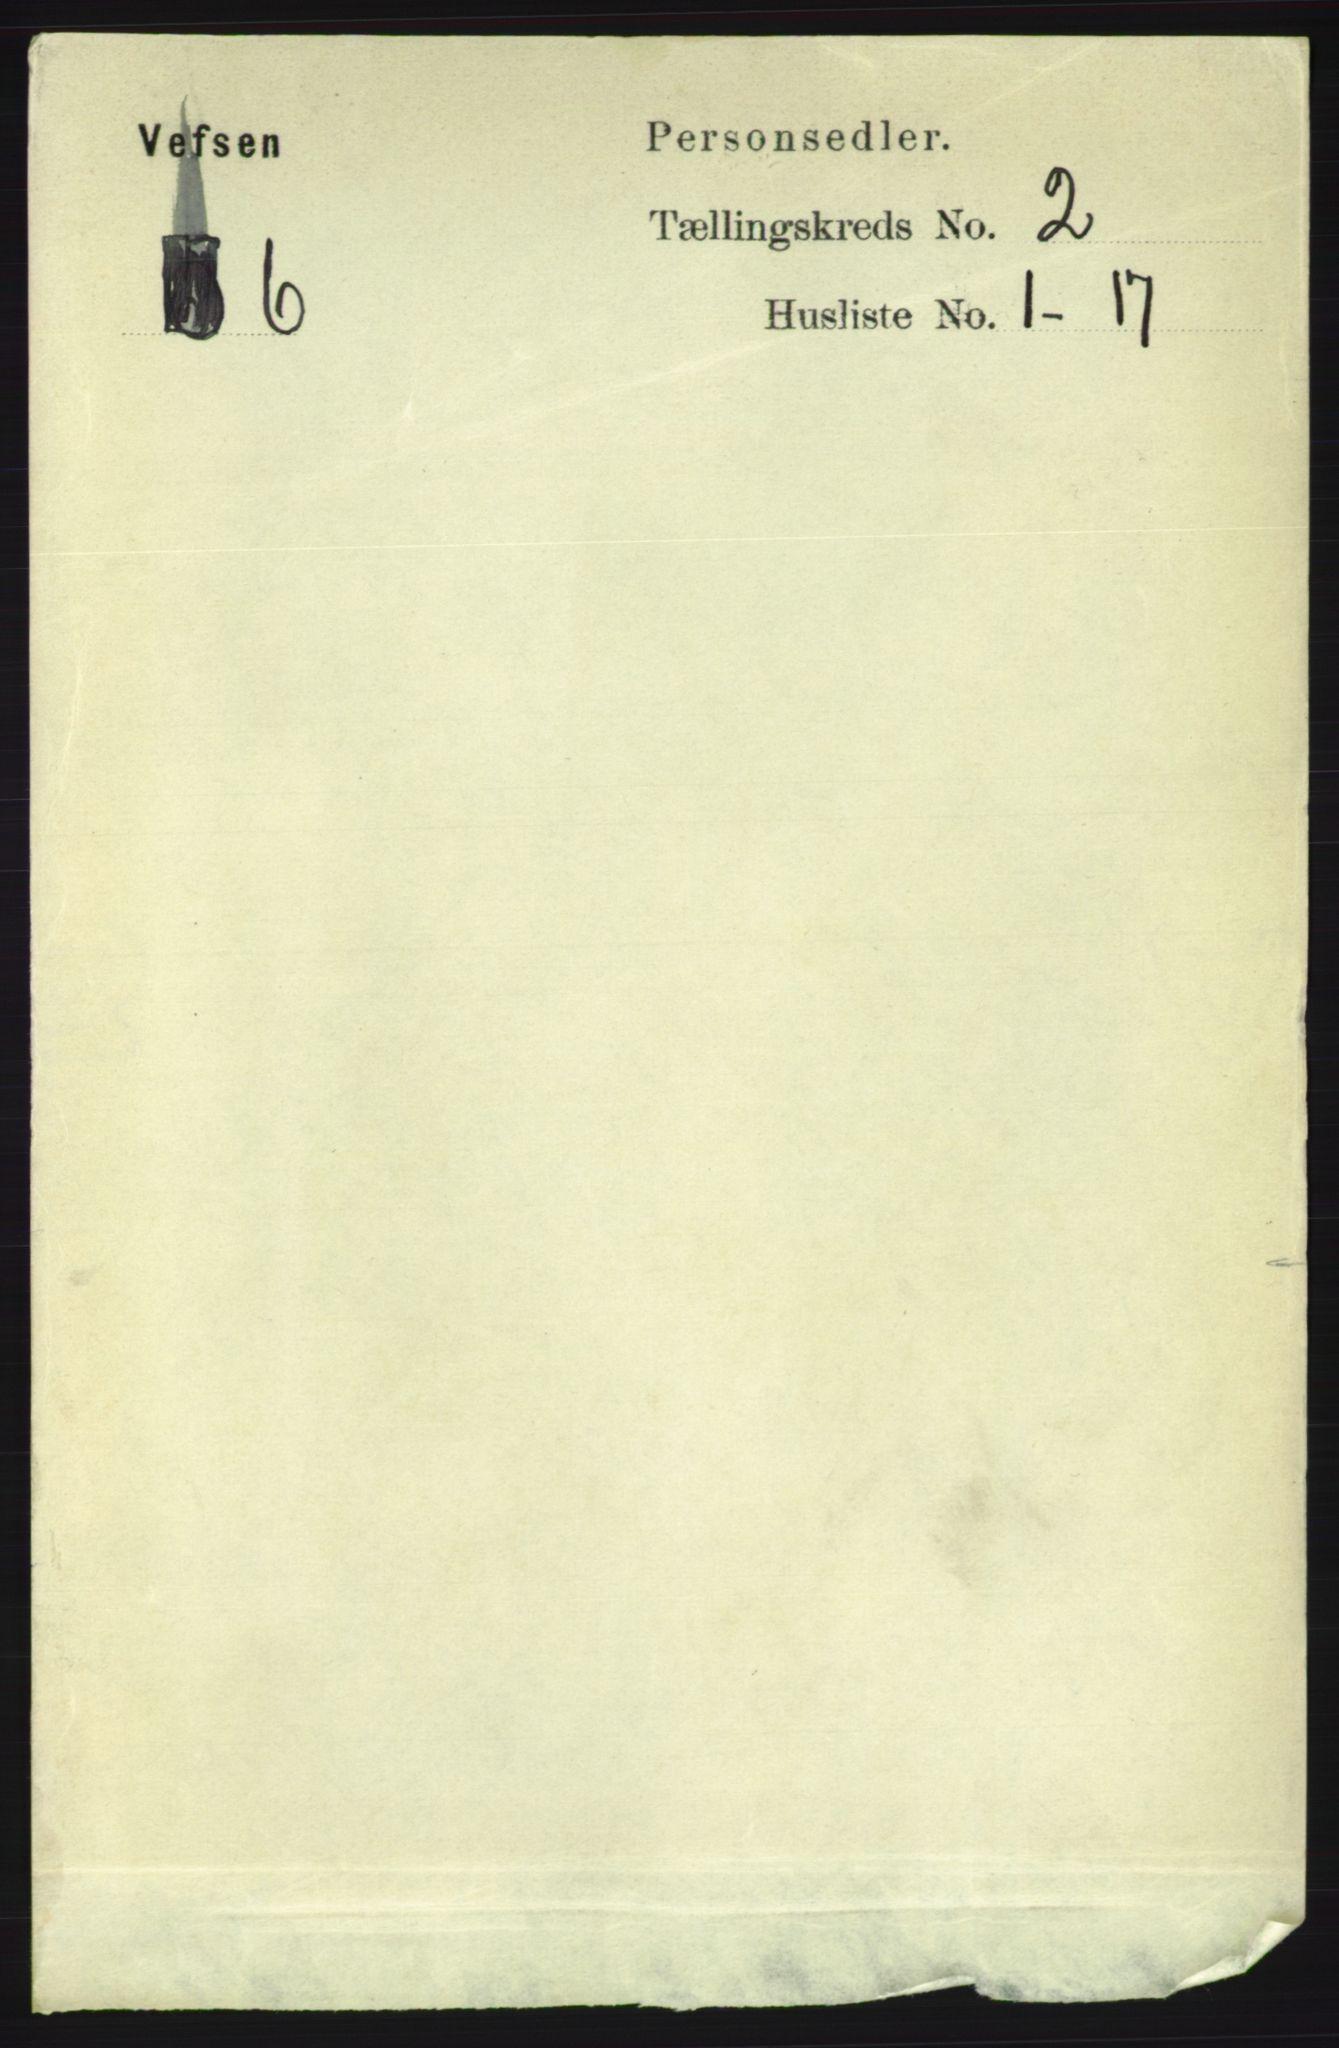 RA, Folketelling 1891 for 1824 Vefsn herred, 1891, s. 622